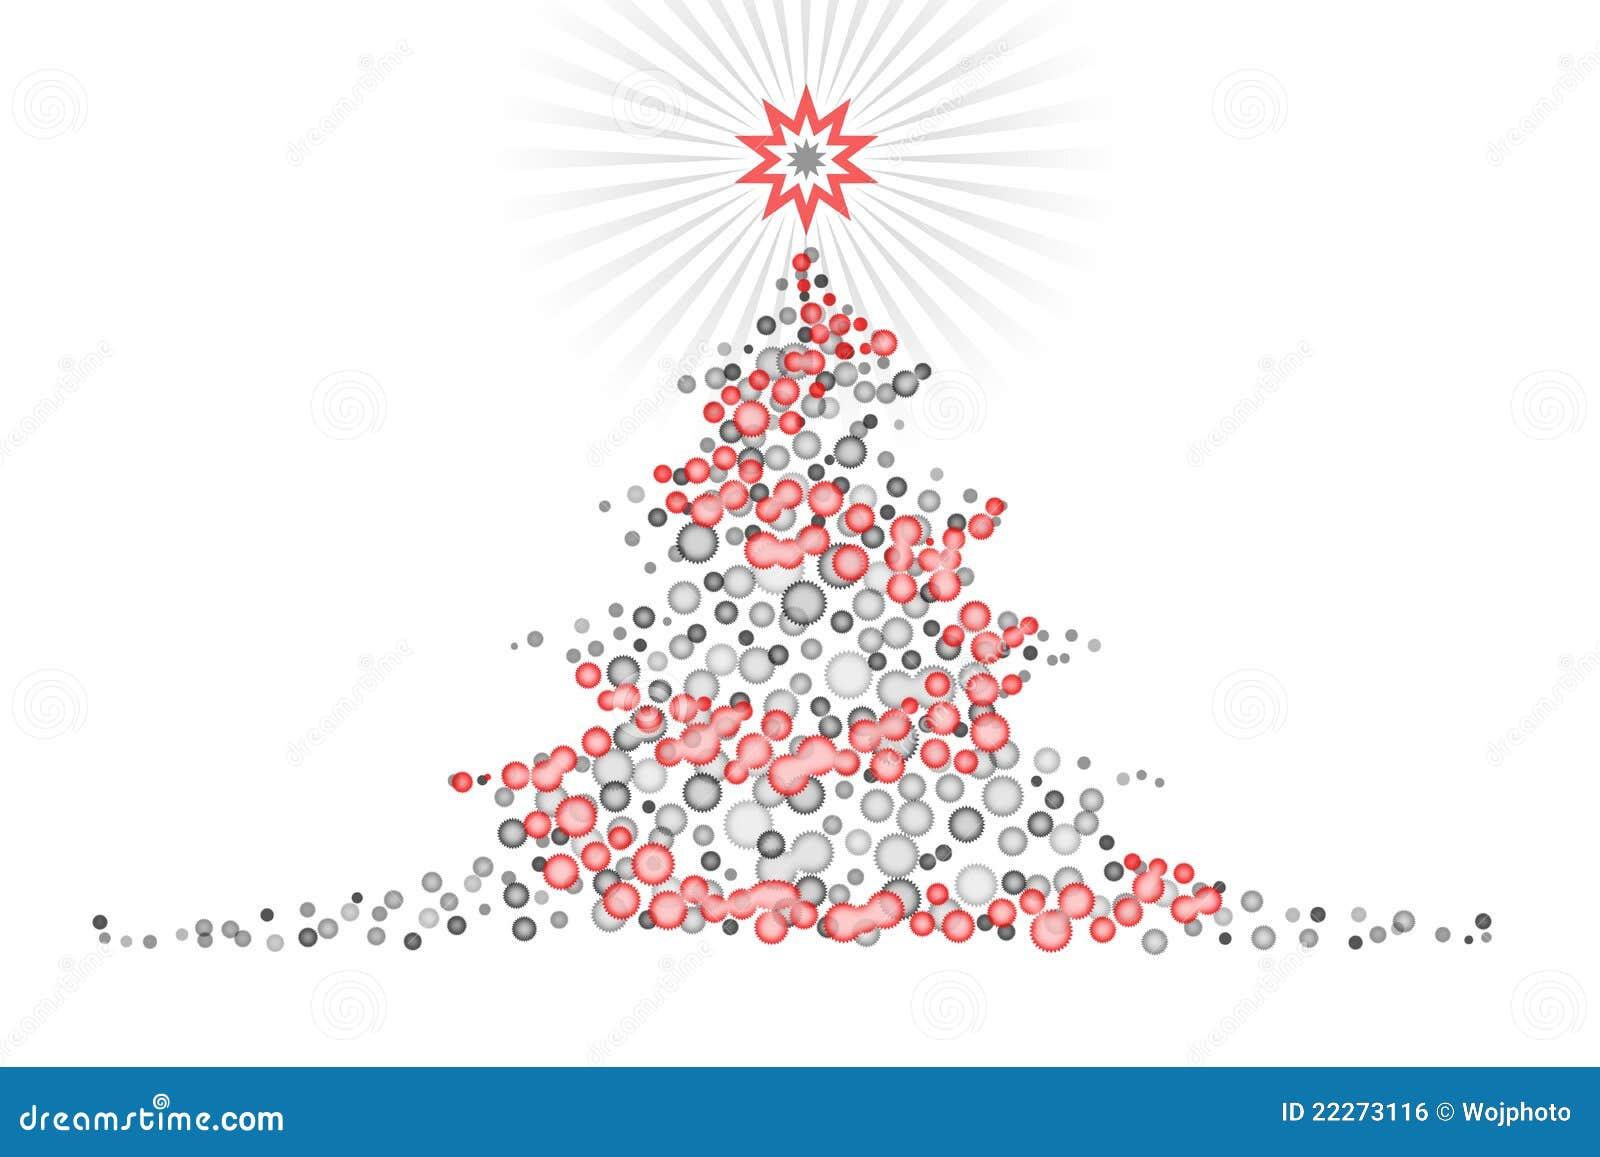 Disegno Stilizzato Illustartion Dell Albero Di Natale Illustrazione